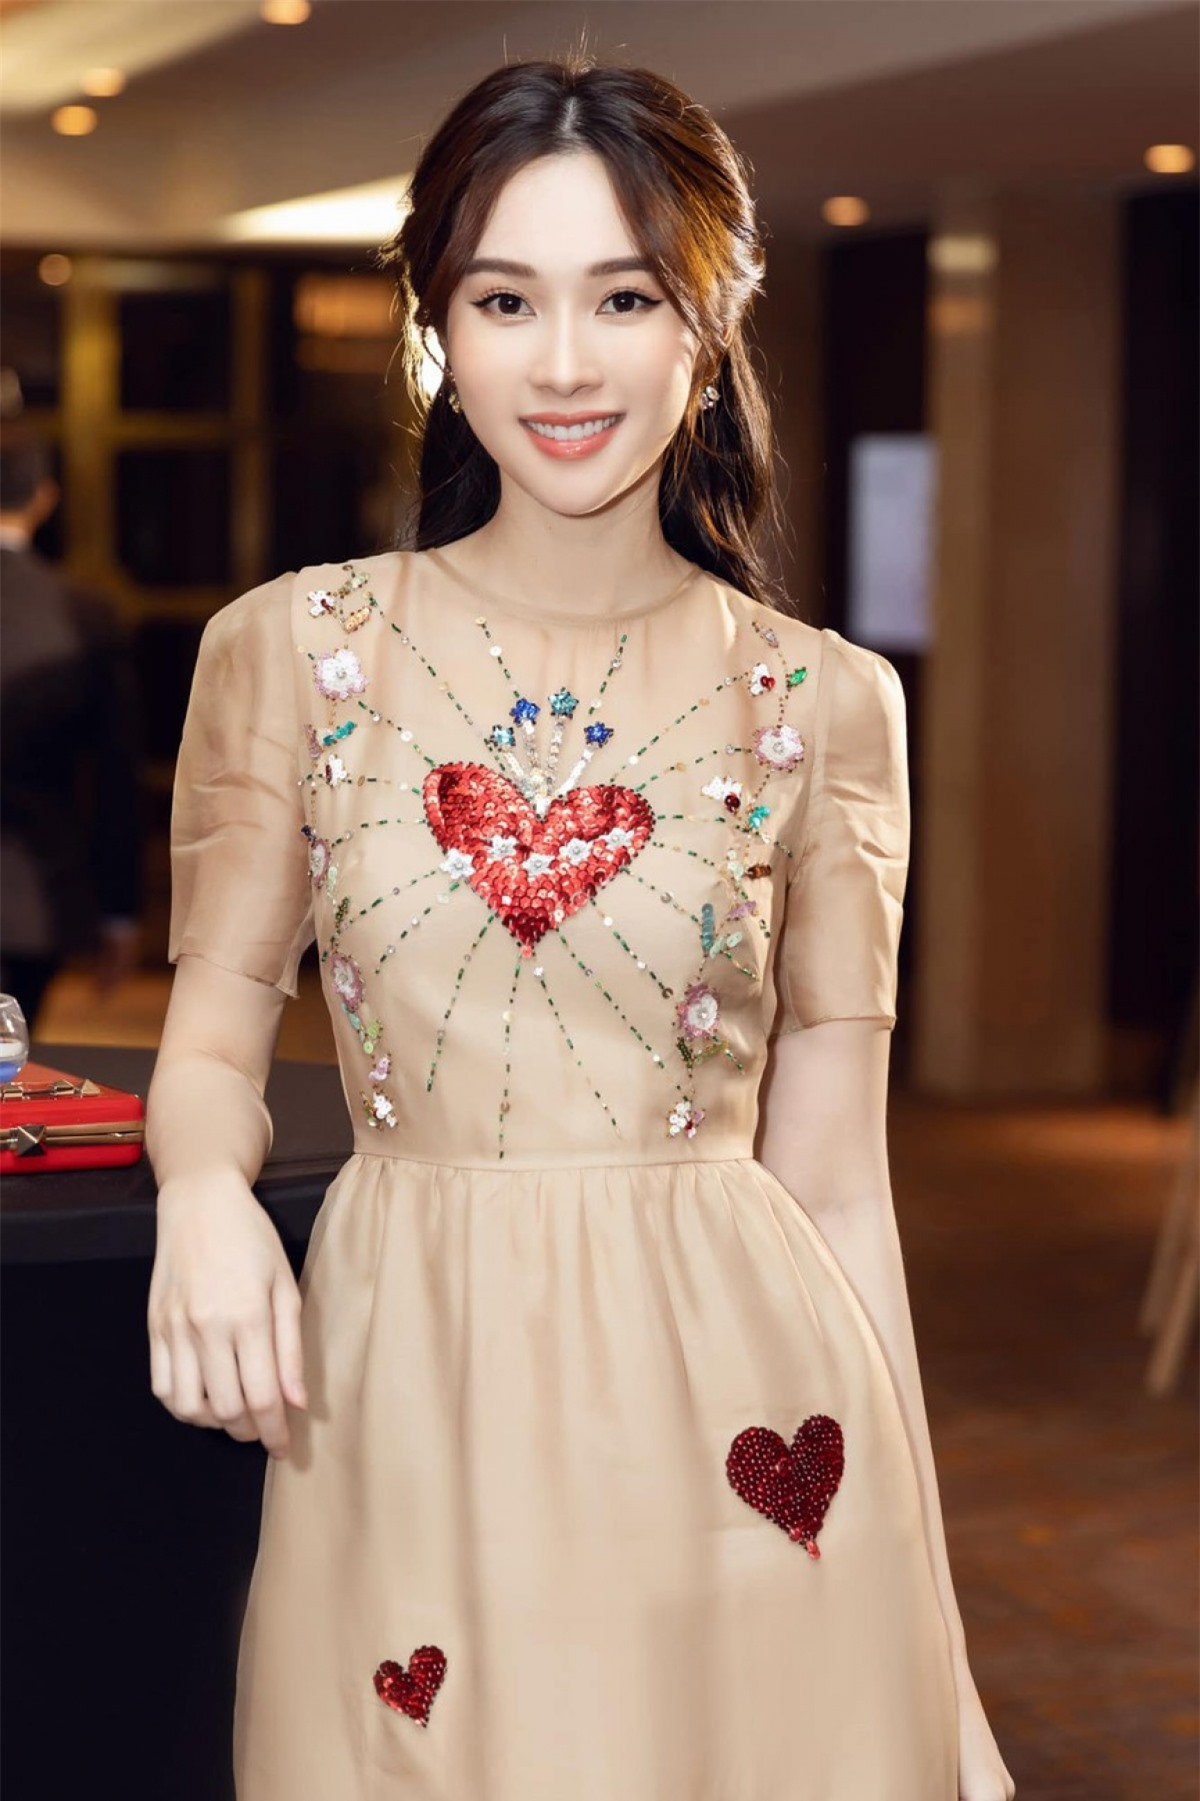 Đặng Thu Thảo sinh năm 1991, là người đẹp Tây Nam Bộ đầu tiên đăng quang ngôi vị danh giá Hoa hậu Việt Nam 2012.